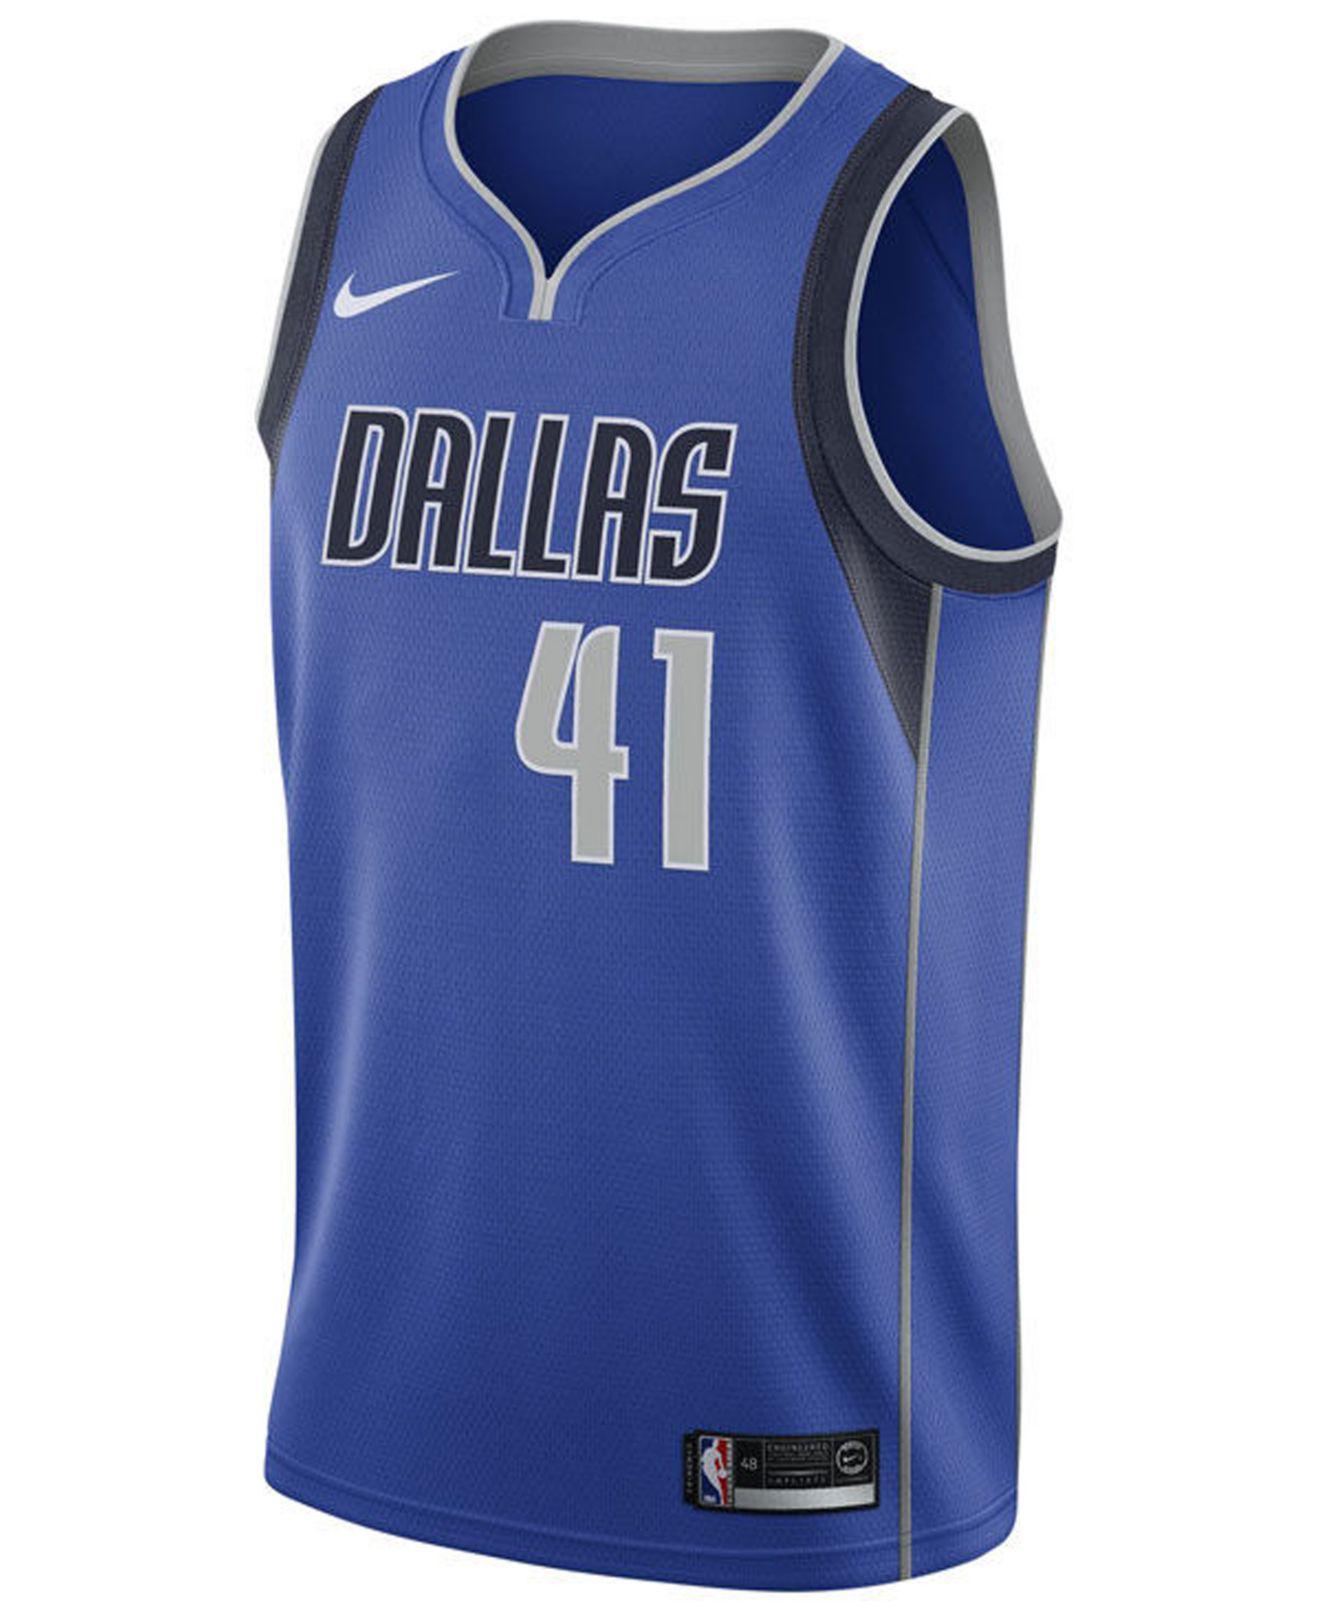 73bd9134f Lyst - Nike Dirk Nowitzki Dallas Mavericks Icon Swingman Jersey in Blue for  Men